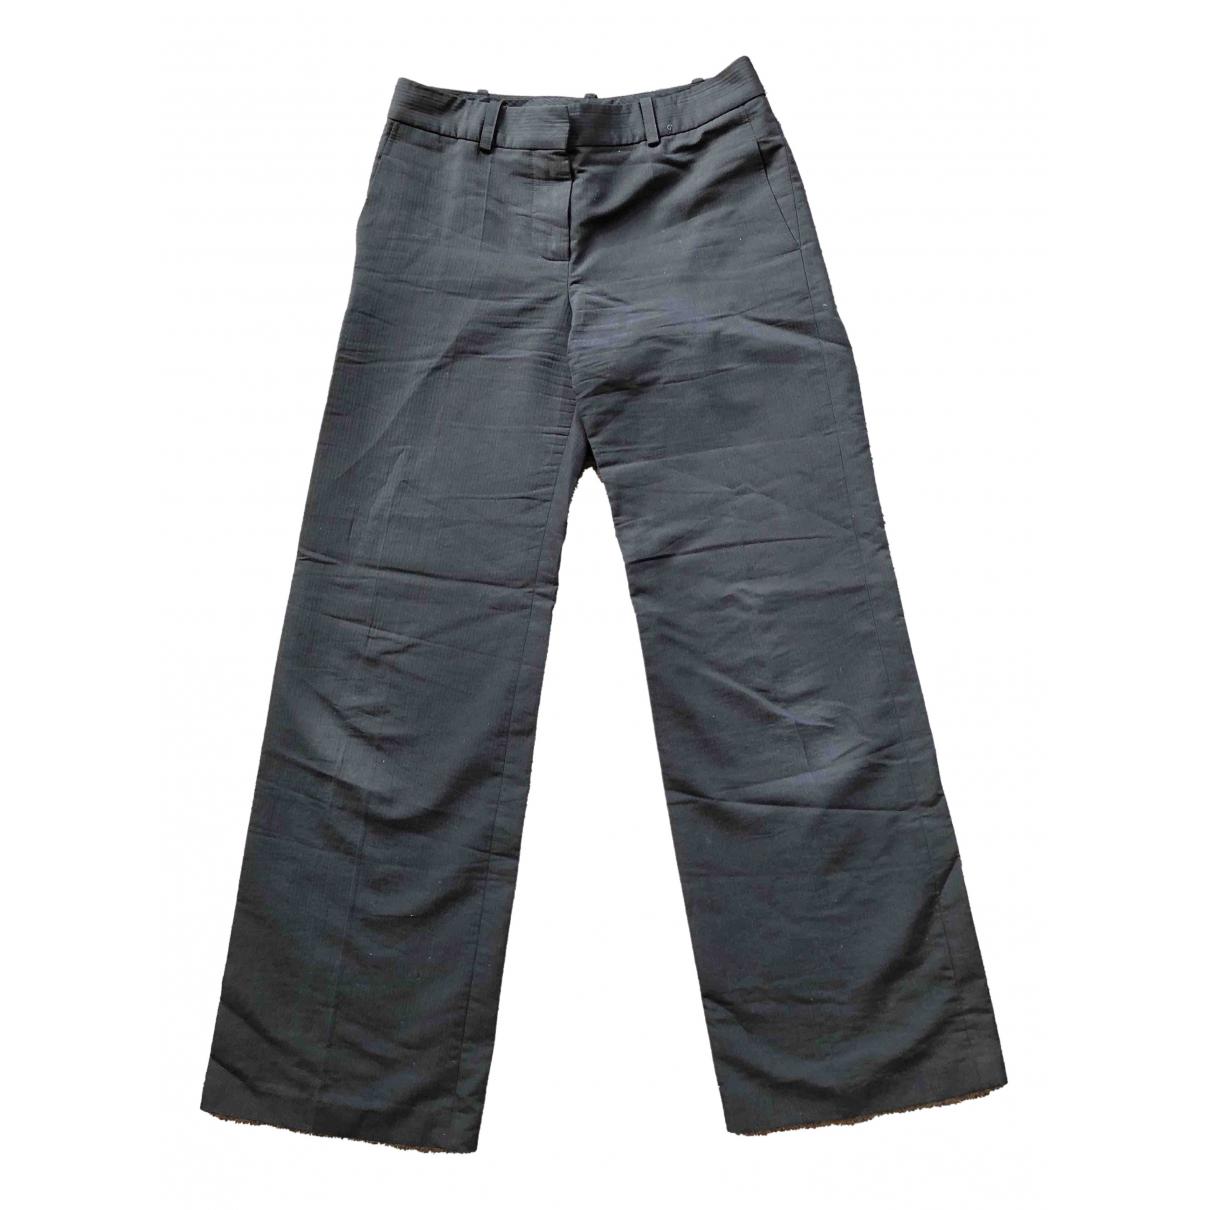 Pantalon de traje Chloe